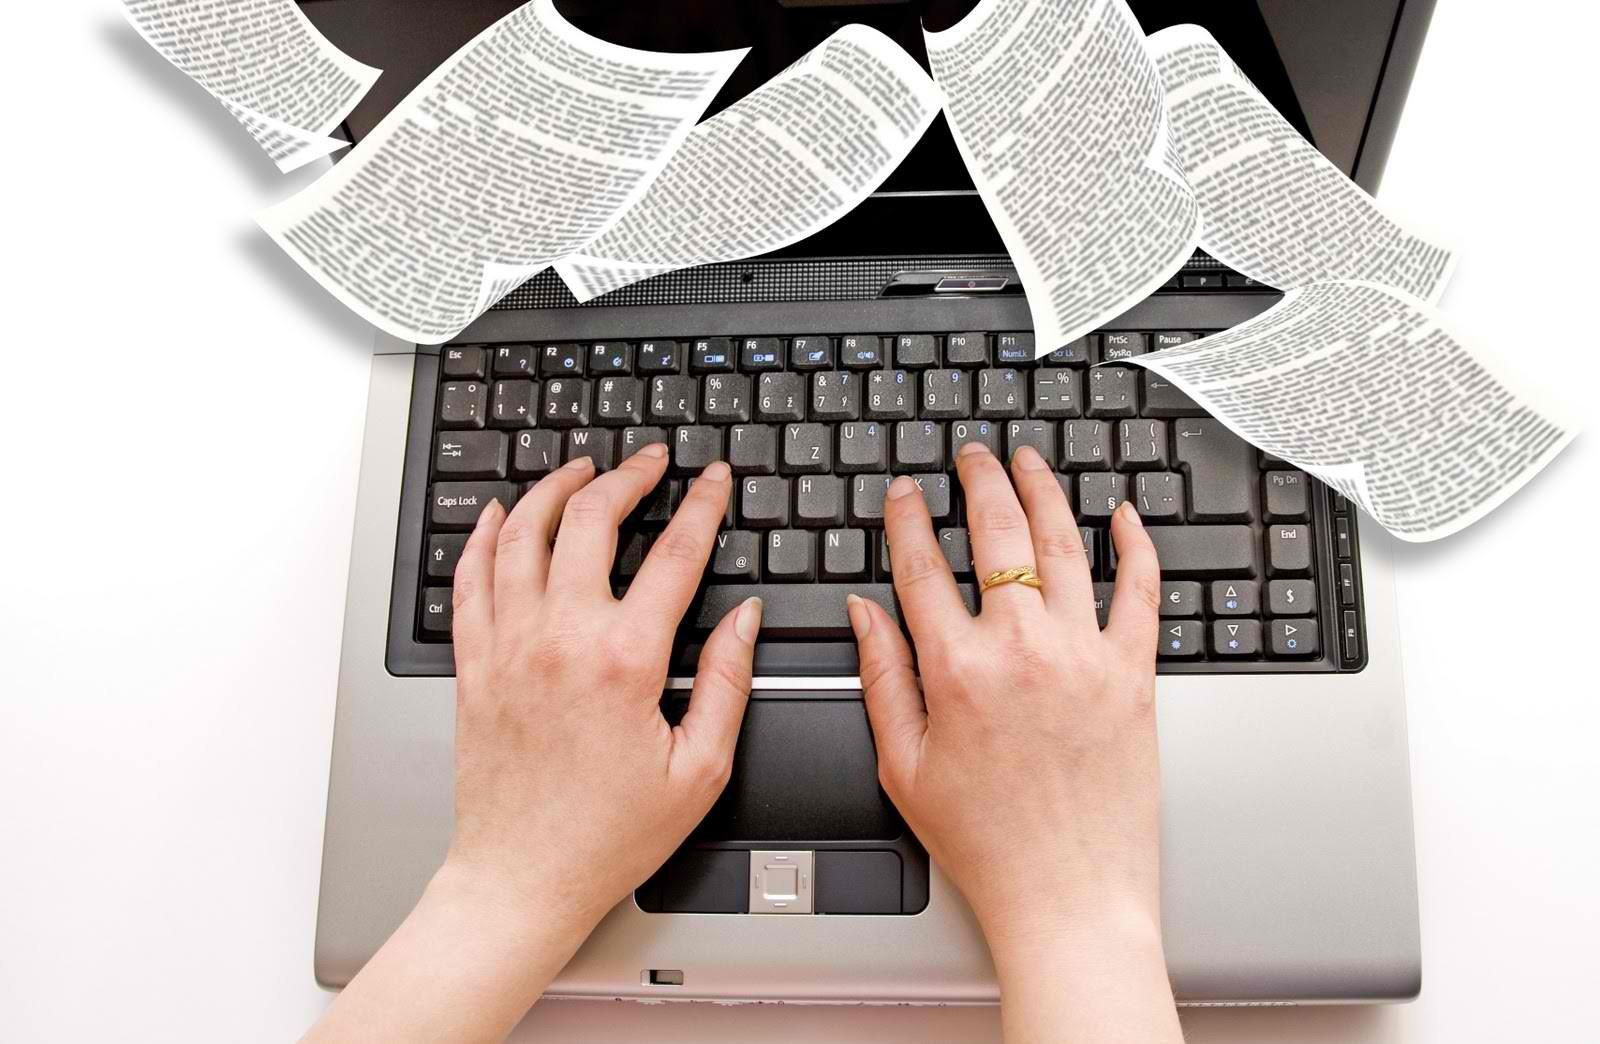 Однако в русскоязычном интернет пространстве под копирайтингом  подразумевают более широкую деятельность, а именно написание любых статей  для ... b4e879abd06